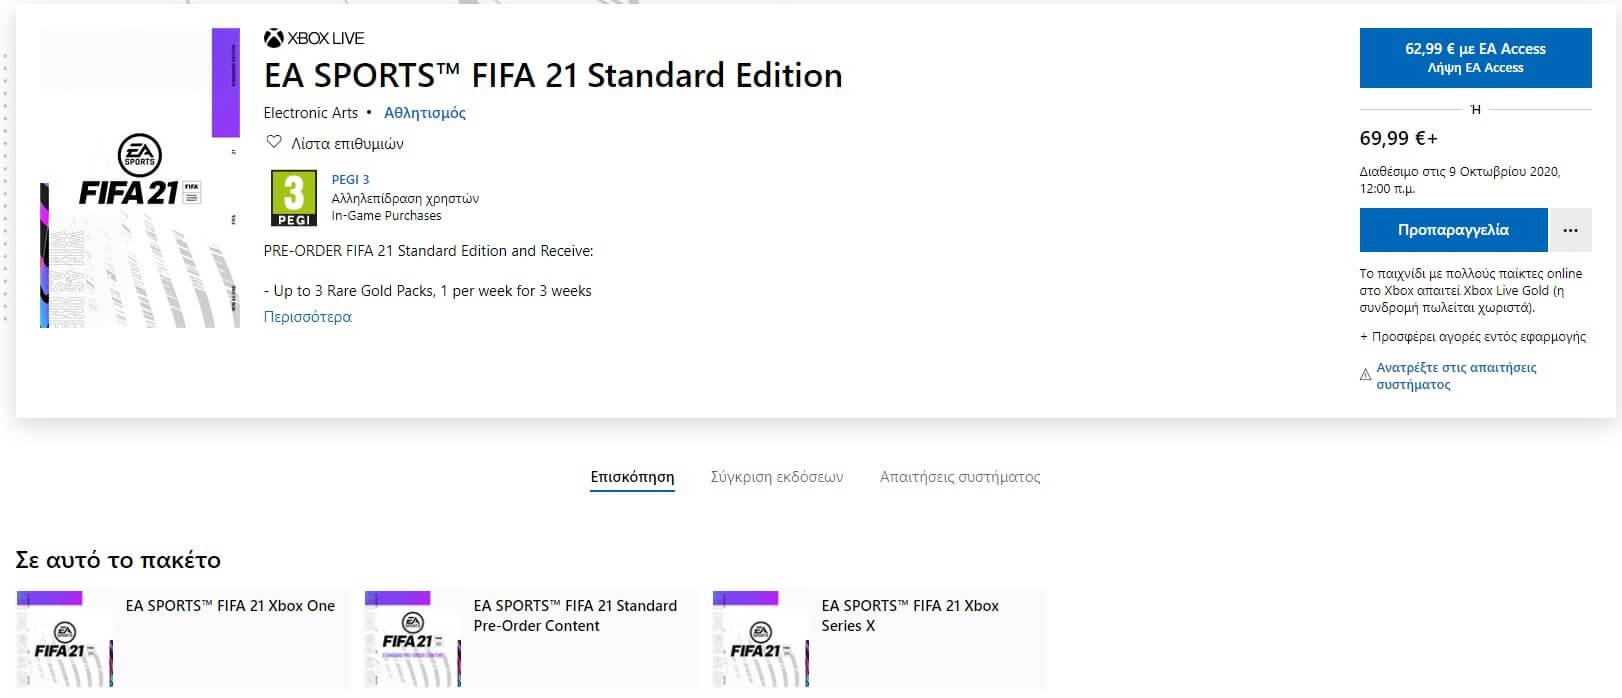 Δωρεάν αναβάθμιση του FIFA 21 για το XBOX Series X, μέχρι την κυκλοφορία του FIFA 22